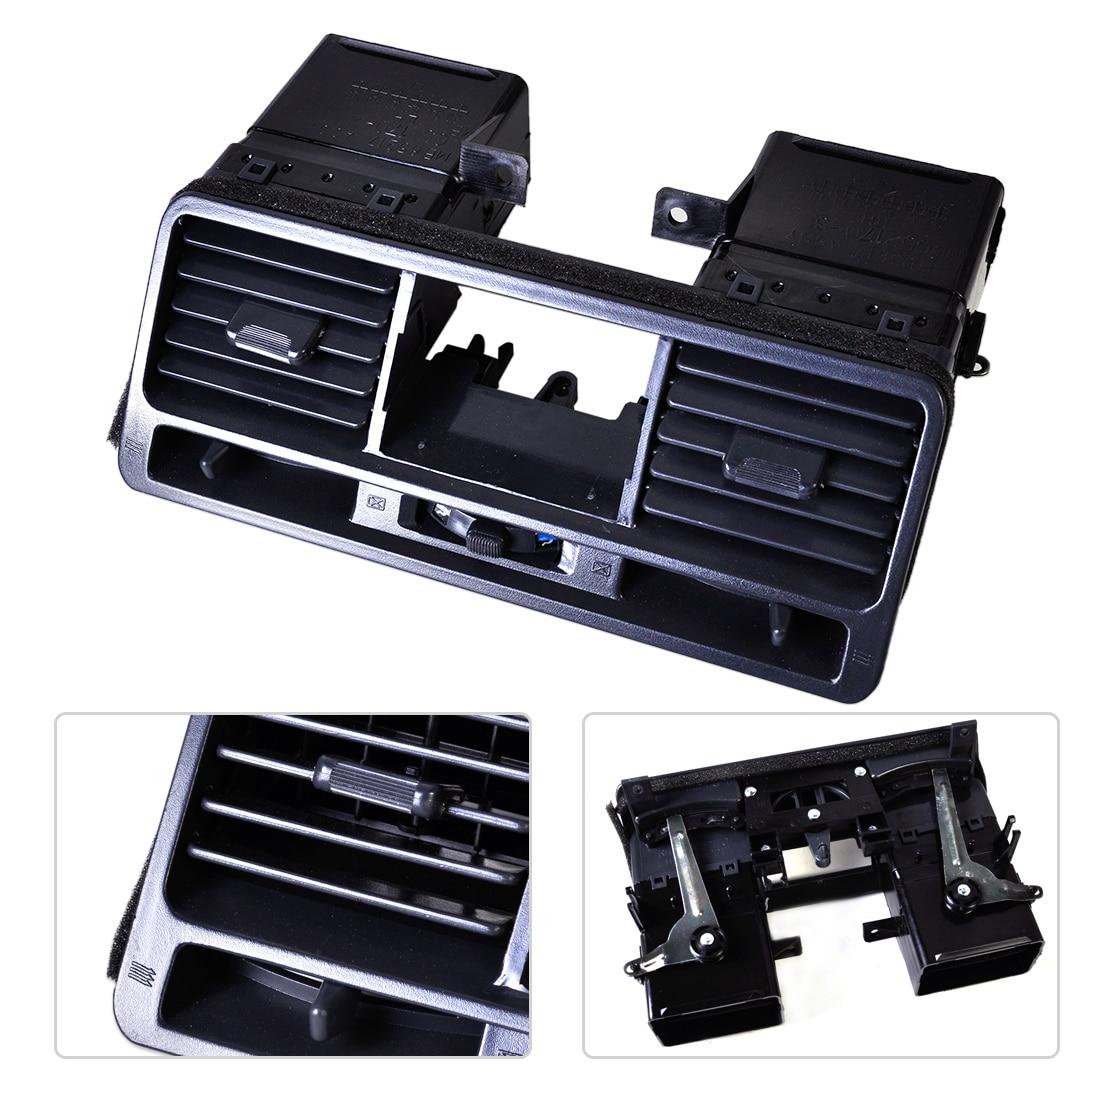 新しいブラックダッシュボードエアベントアウトレットパネルMR308038 MB775266三菱パジェロに適合ショーグンモンテロV31 V32 V33 1998 1999三菱パジェロ